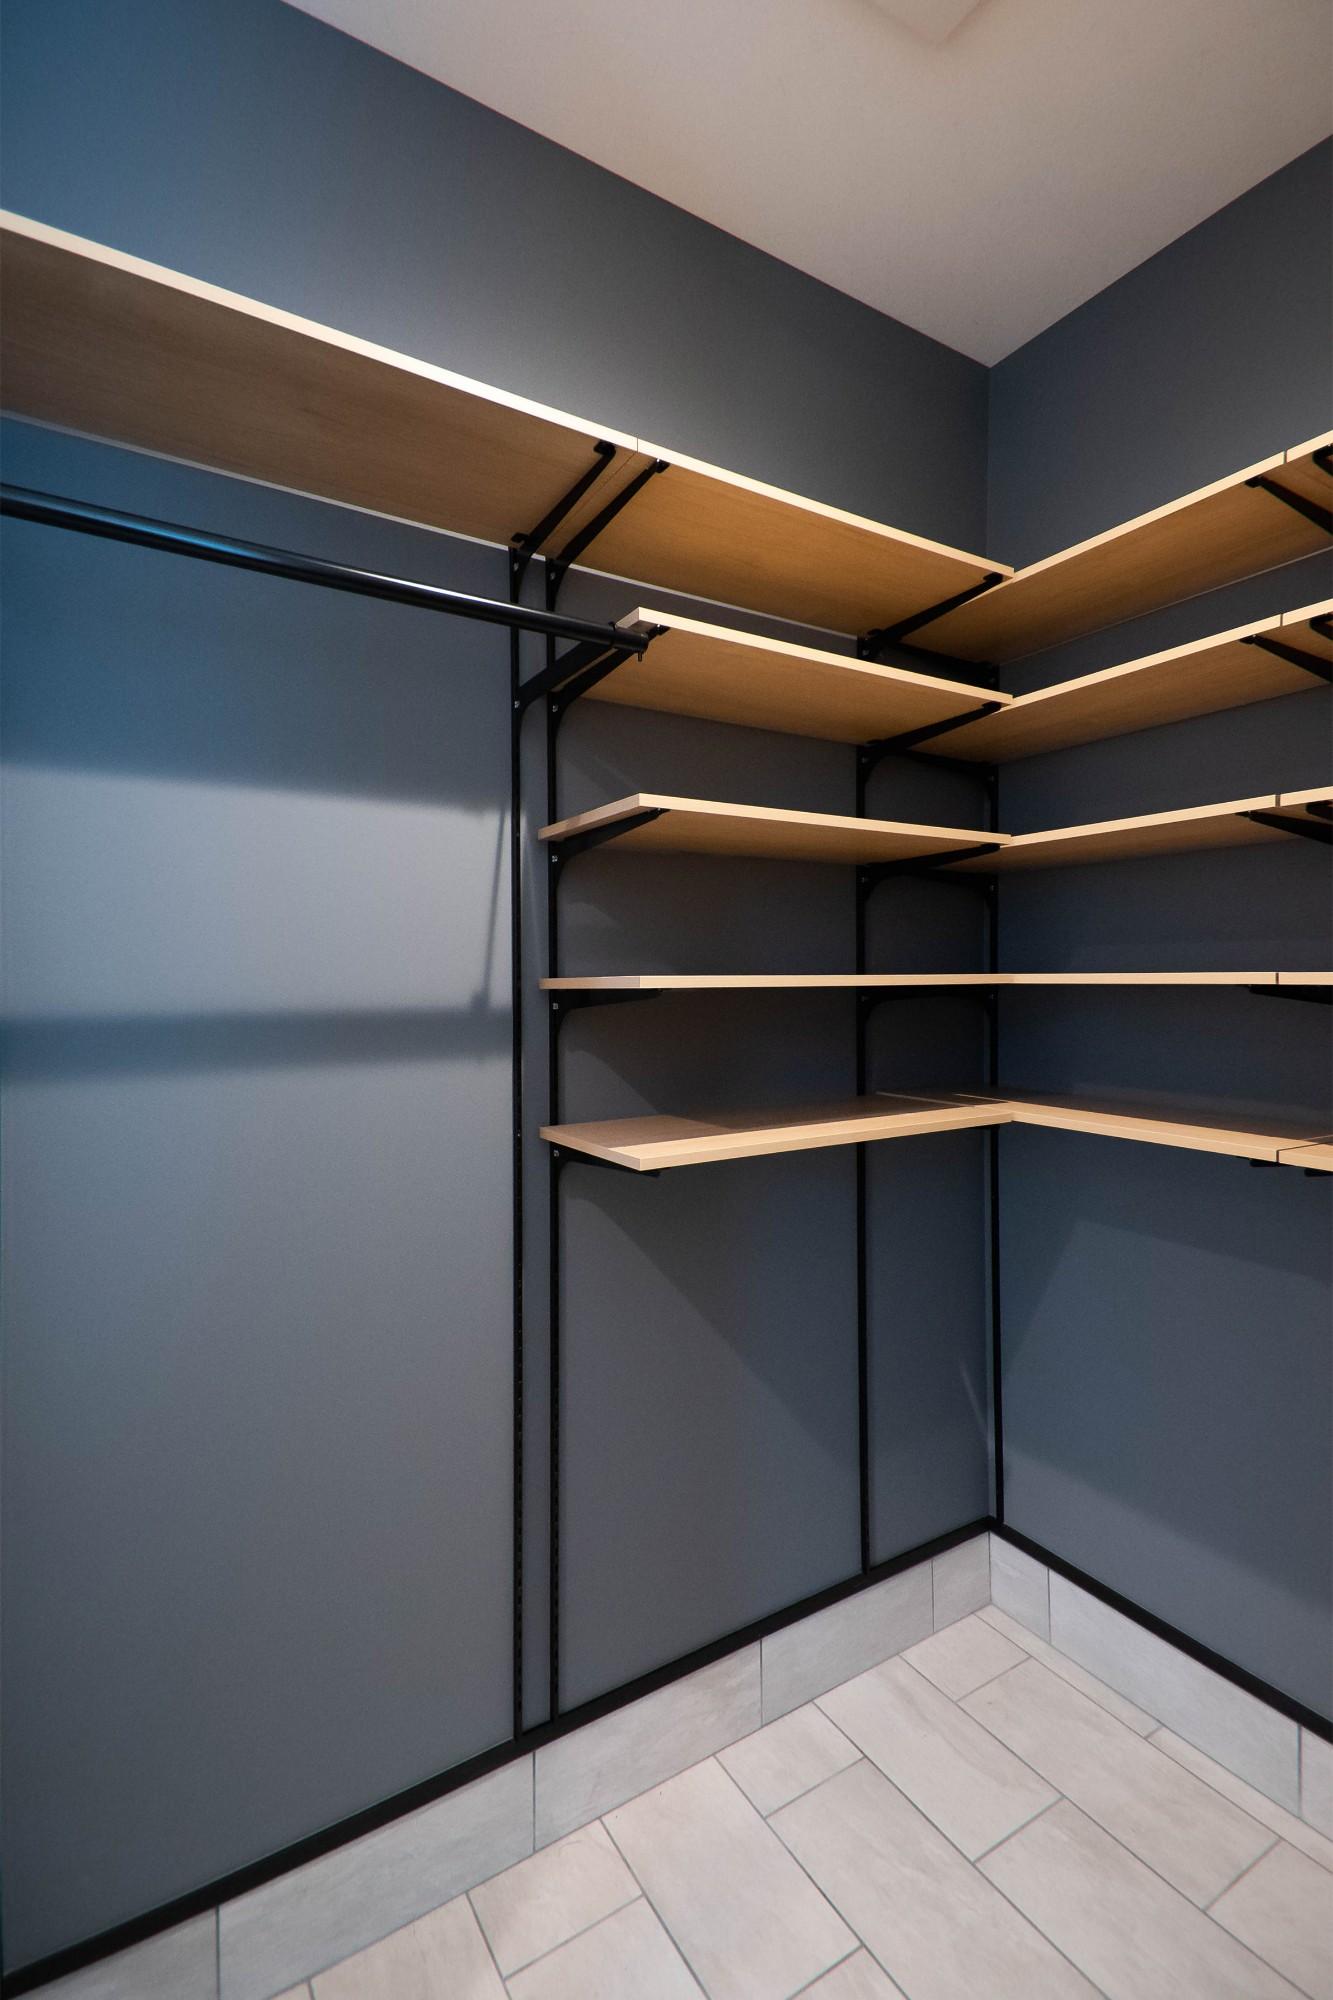 DETAIL HOME(ディテールホーム)「縦横の広がりをつくる、ツリーと吹抜けのある家」のシンプル・ナチュラルな収納スペースの実例写真